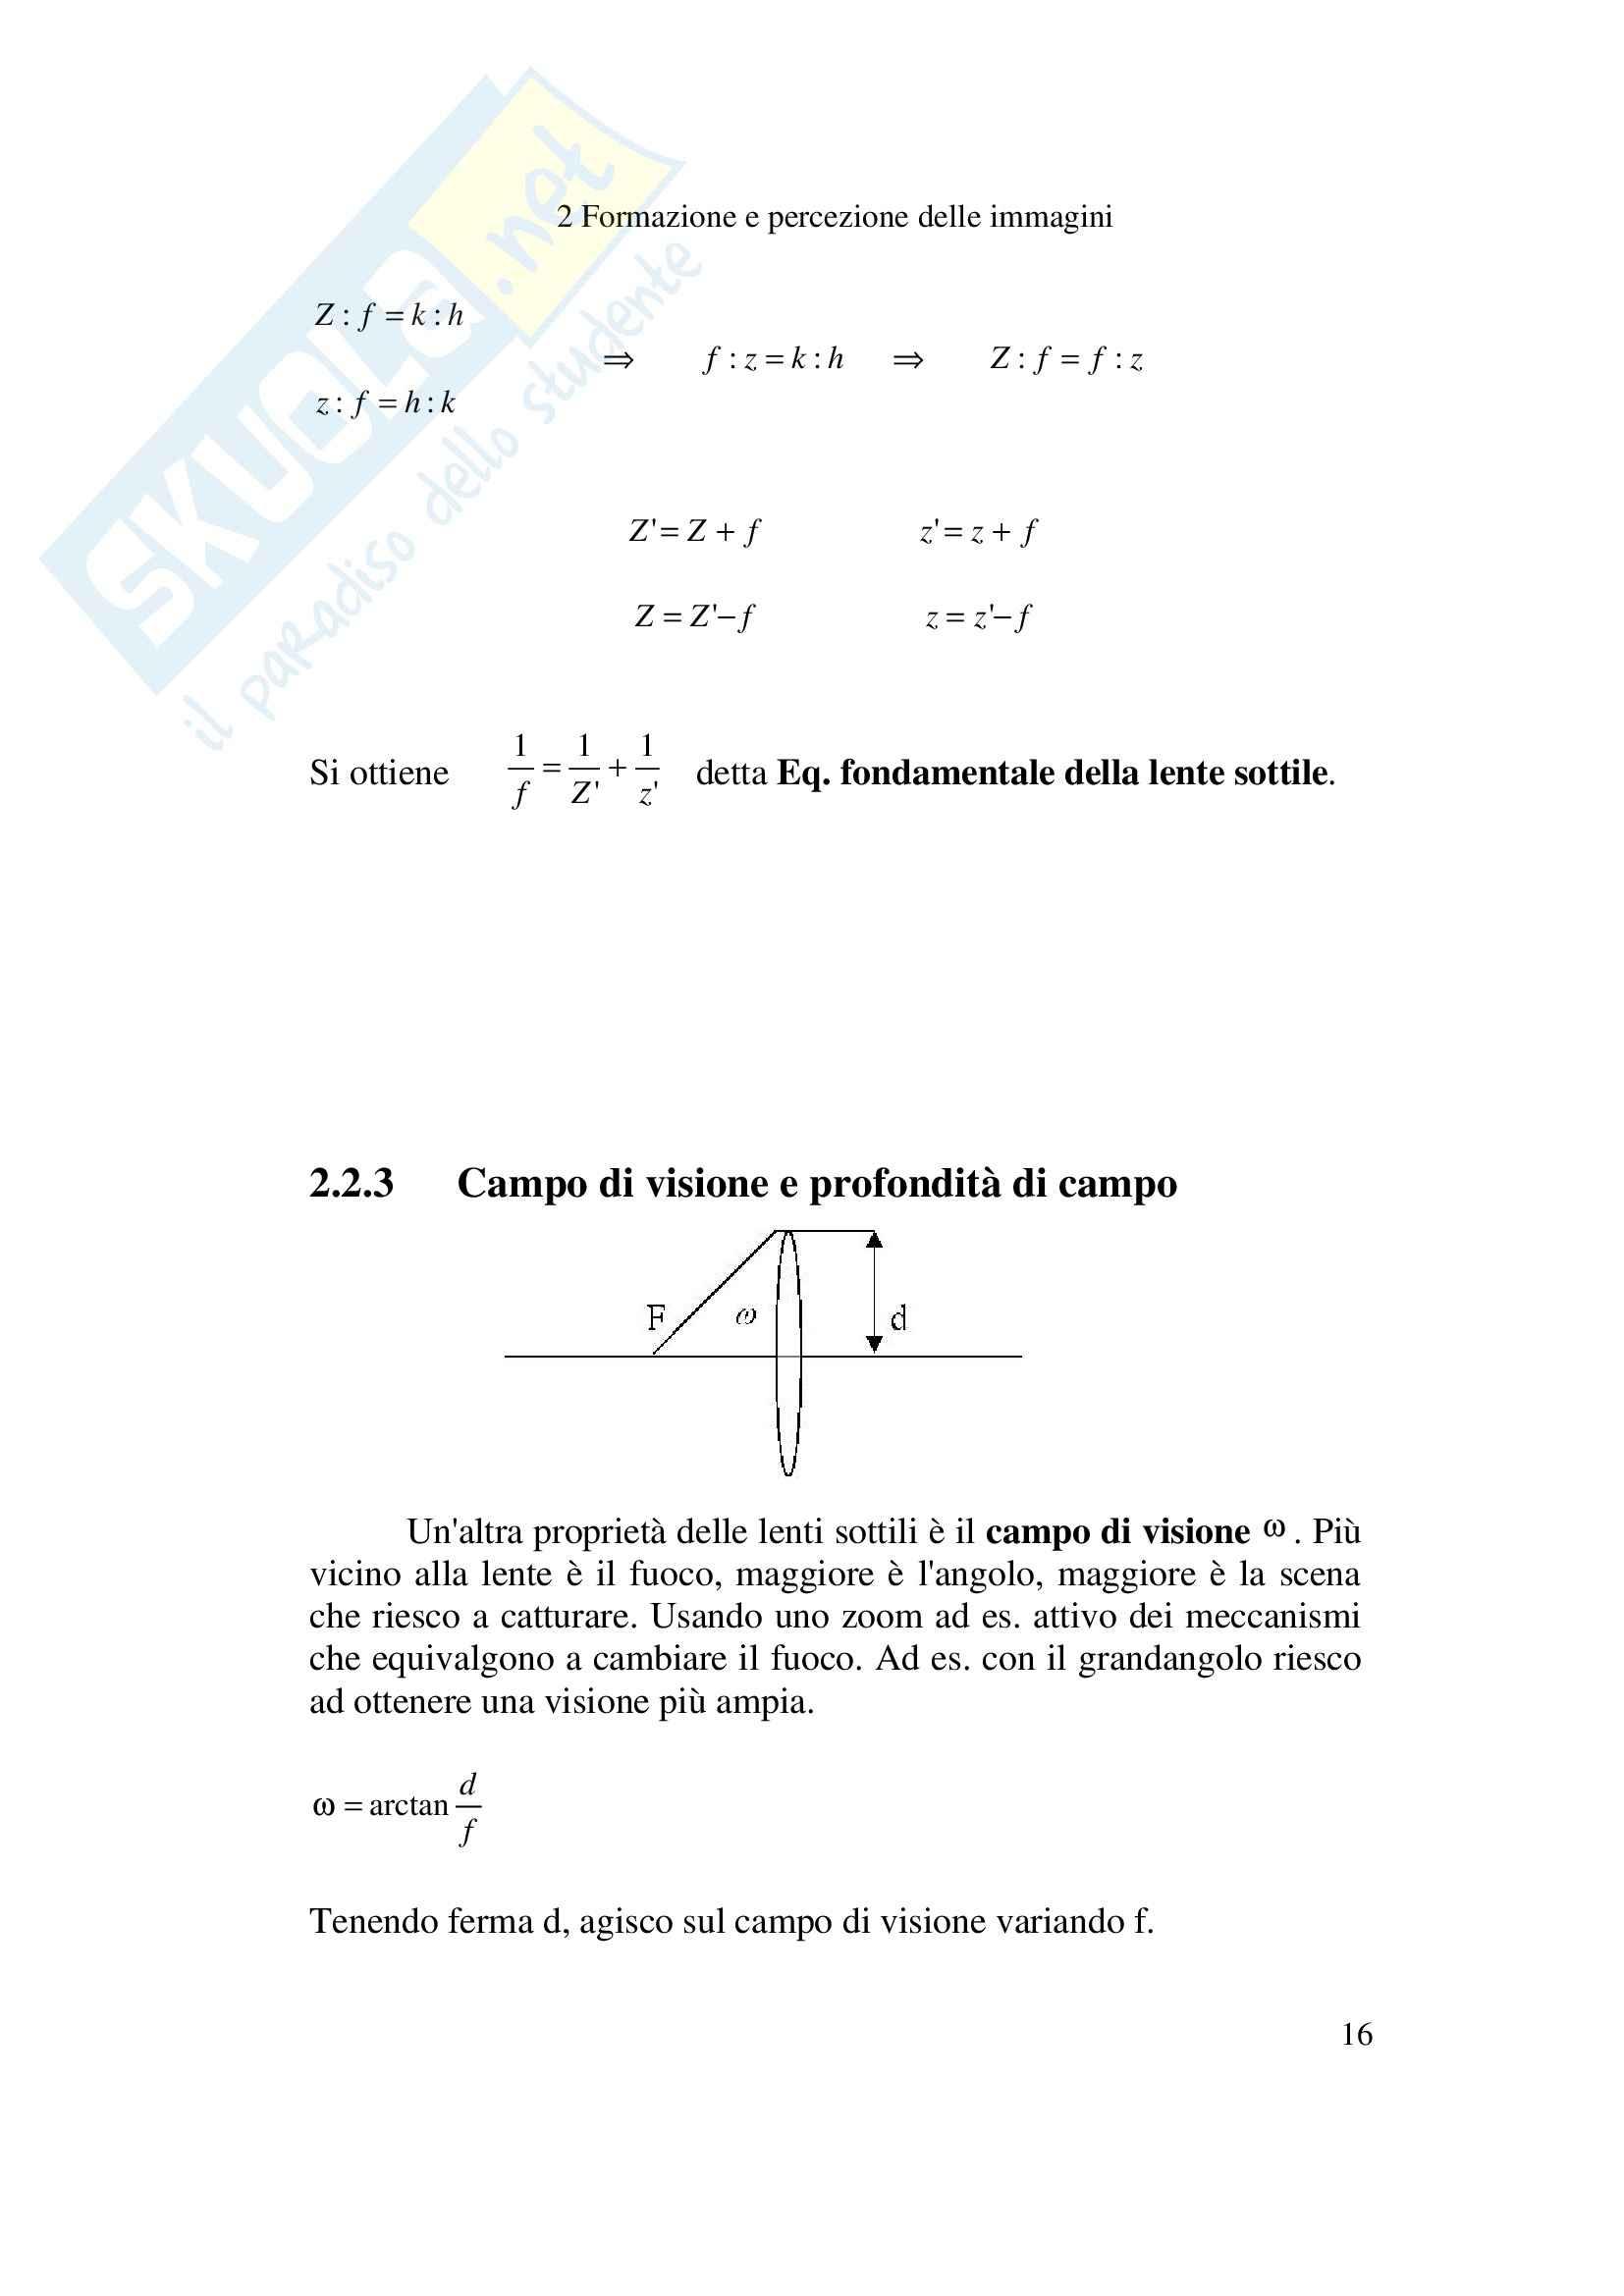 Formazione e percezione delle immagini - Appunti Pag. 16